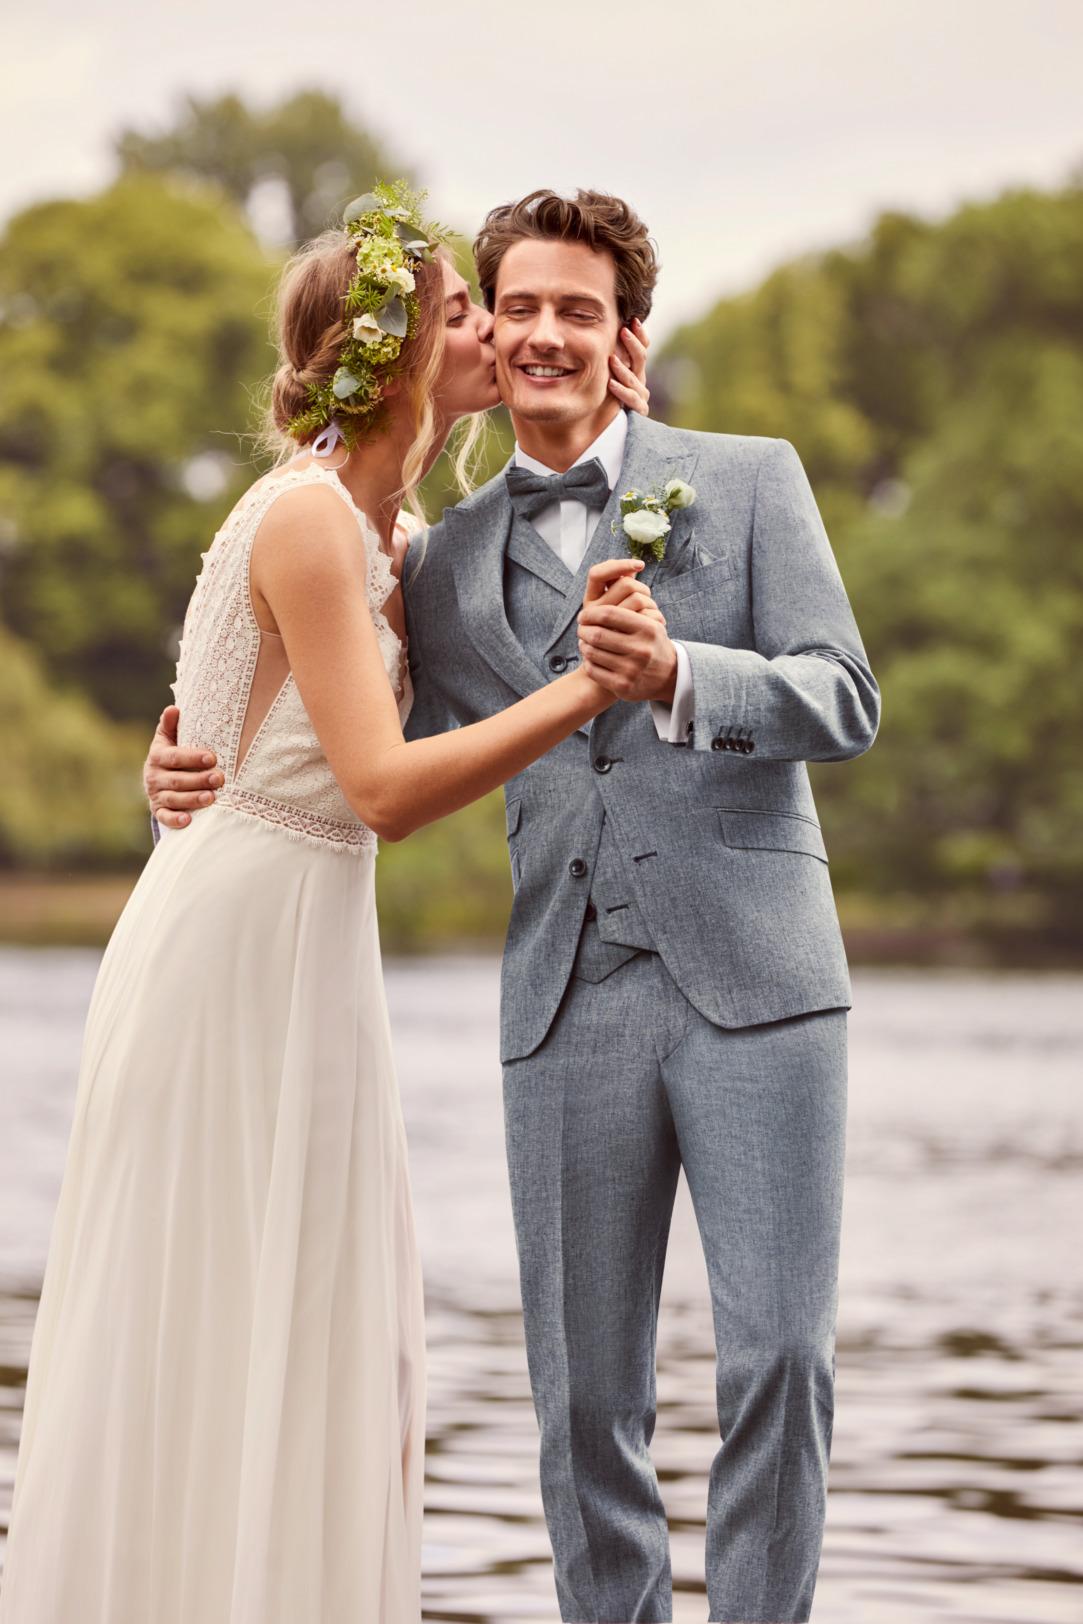 Wilvorst Atelier Torino Gala Wedding Hochzeitsanzug Männer Mode Bräutigam klassische Form grau blau wil_0121_kam_at-gala-vintage-wedding-Look2_1